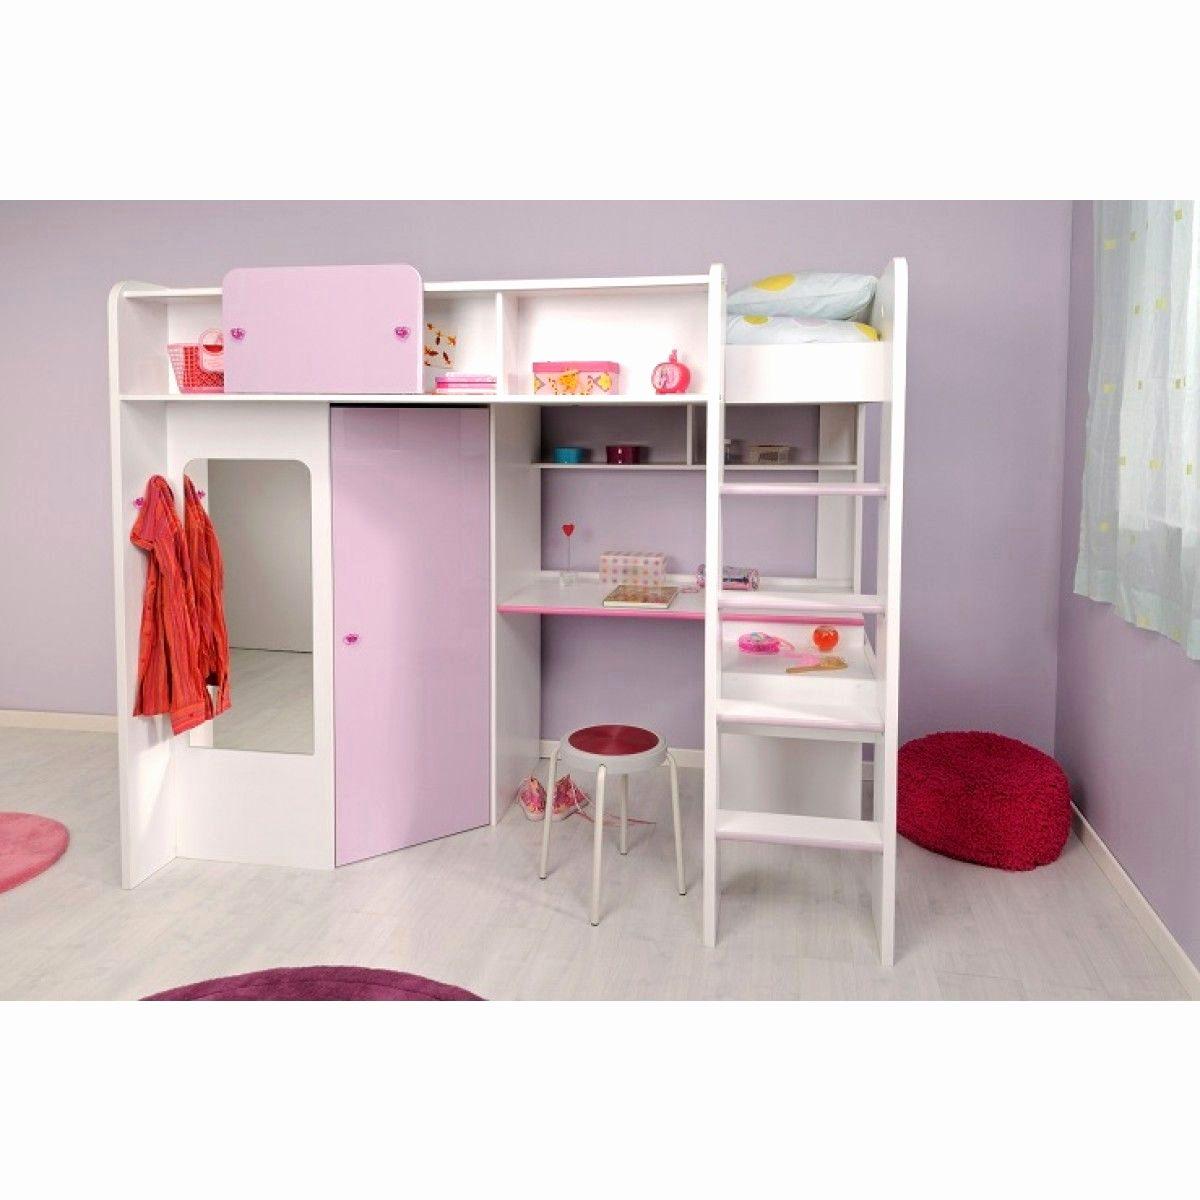 Lit Mezzanine Pour Enfant Agréable Lit Mezzanine Avec Rangement Beau Lit En Mezzanine Luxe Rangement